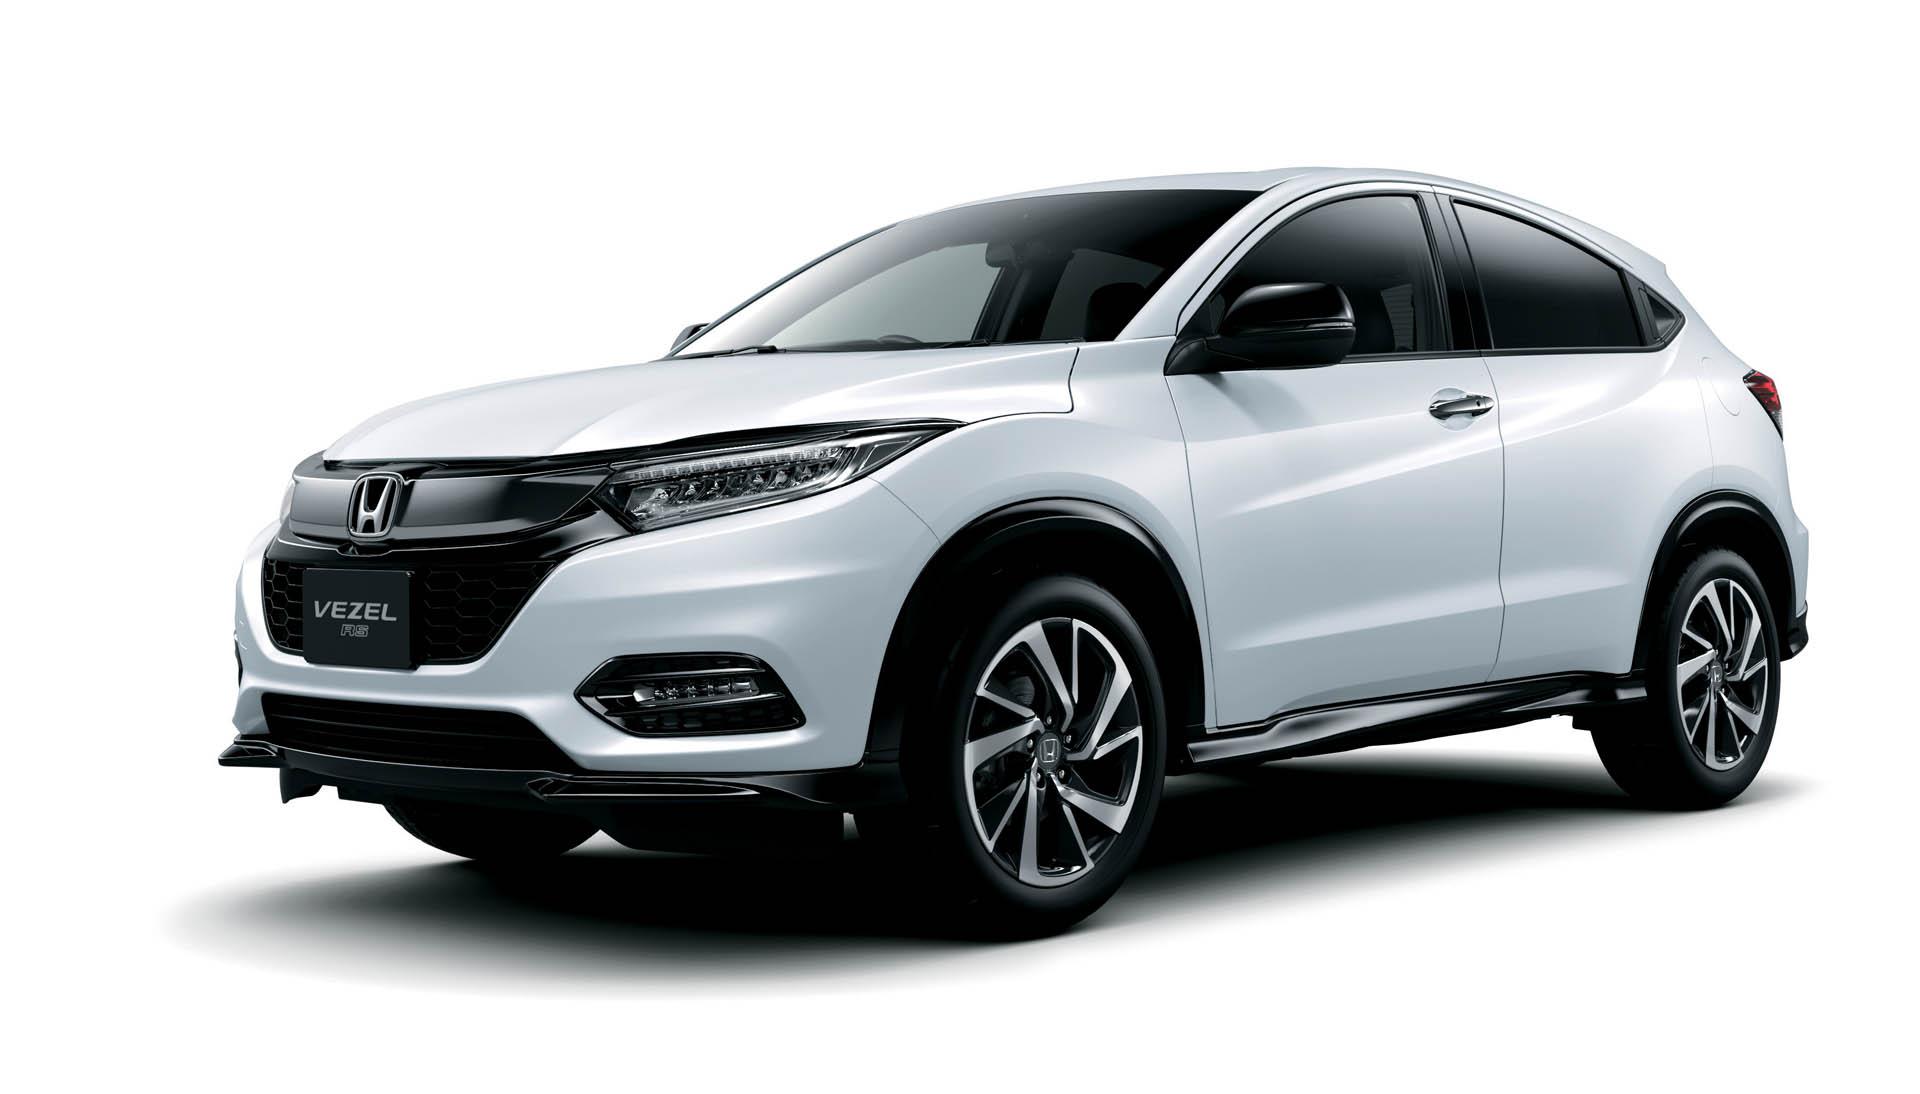 2018_Honda_Vezel_facelift_0000